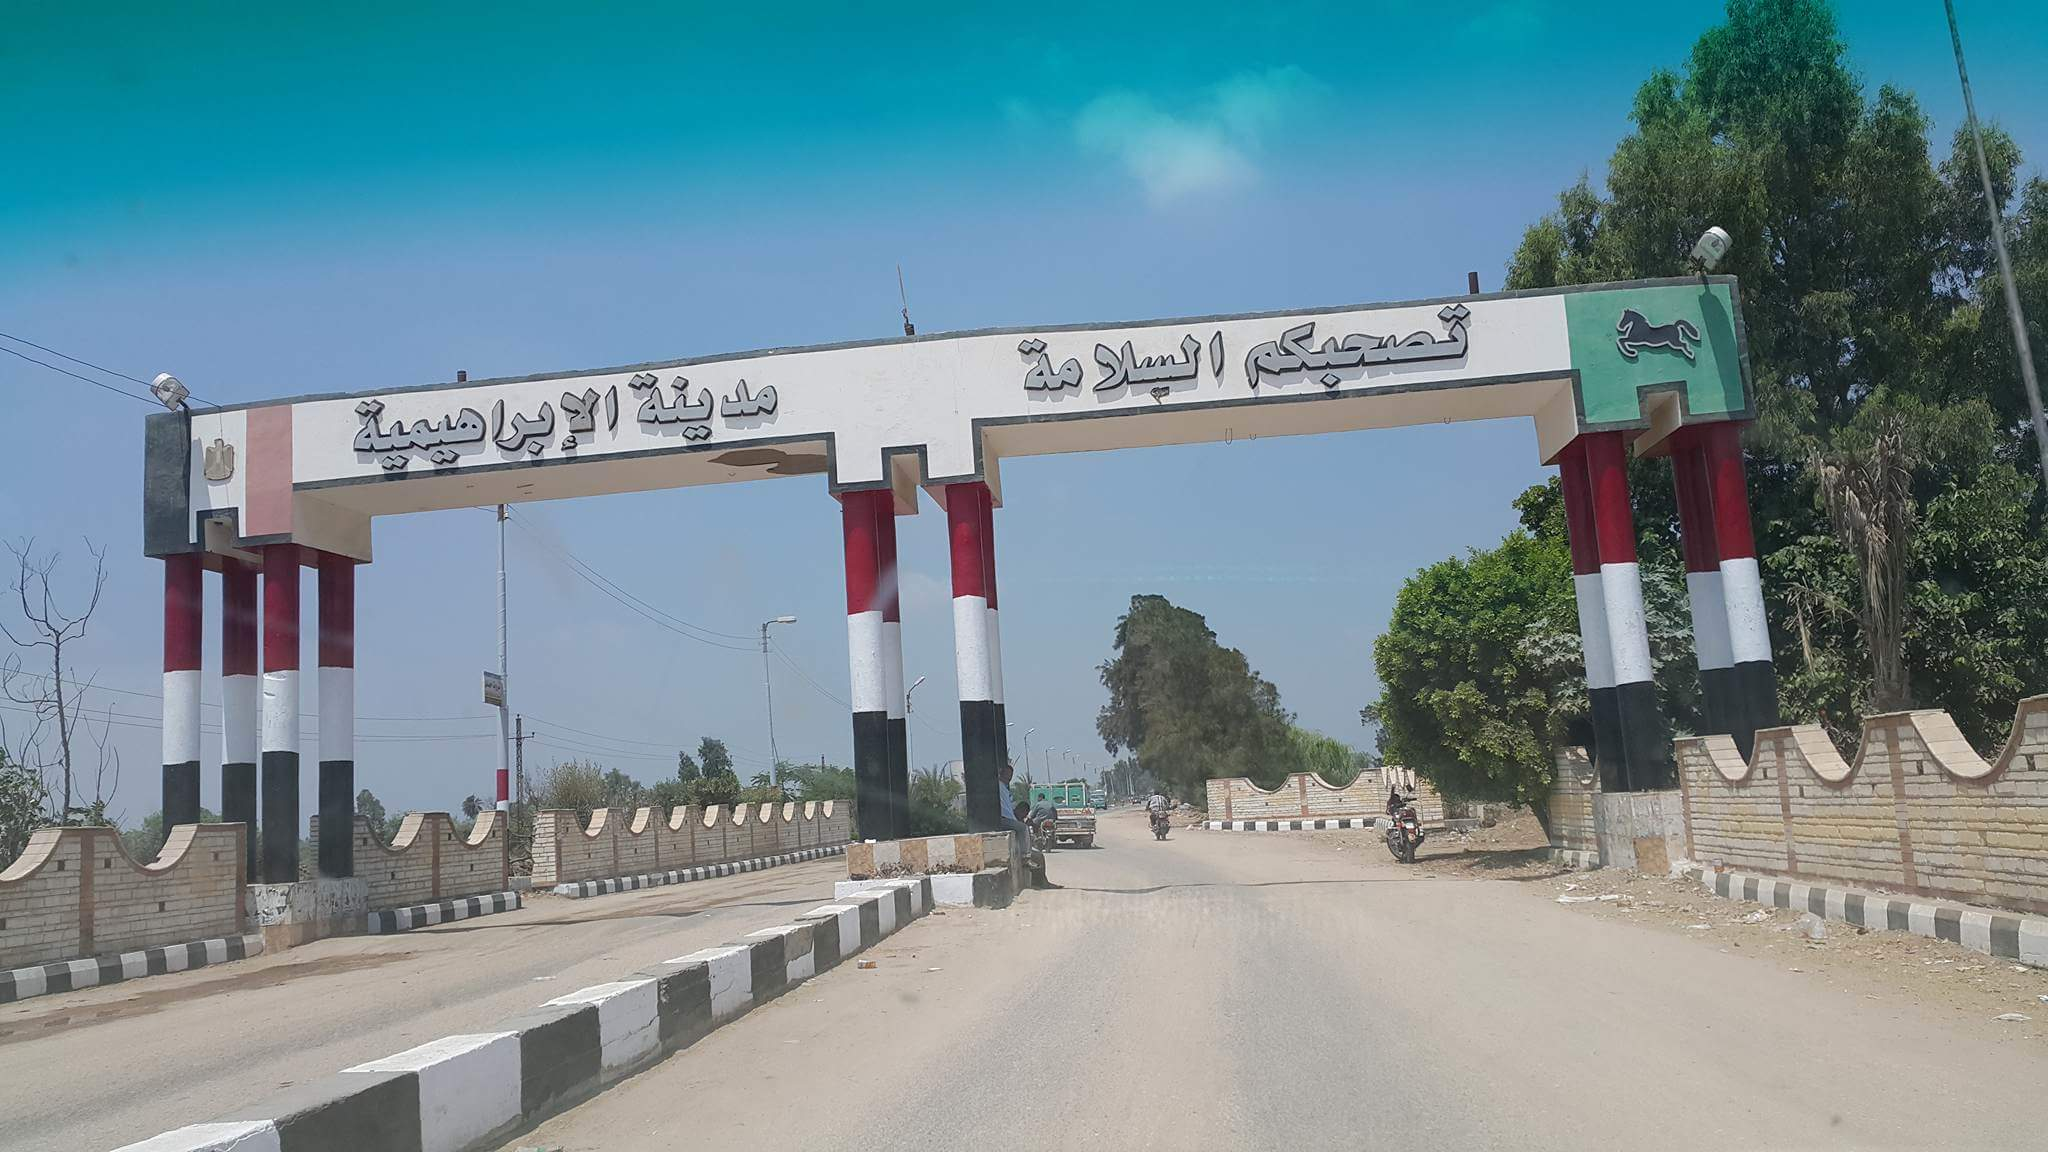 صورة بنوك مركز الإبراهيمية في محافظة الشرقية